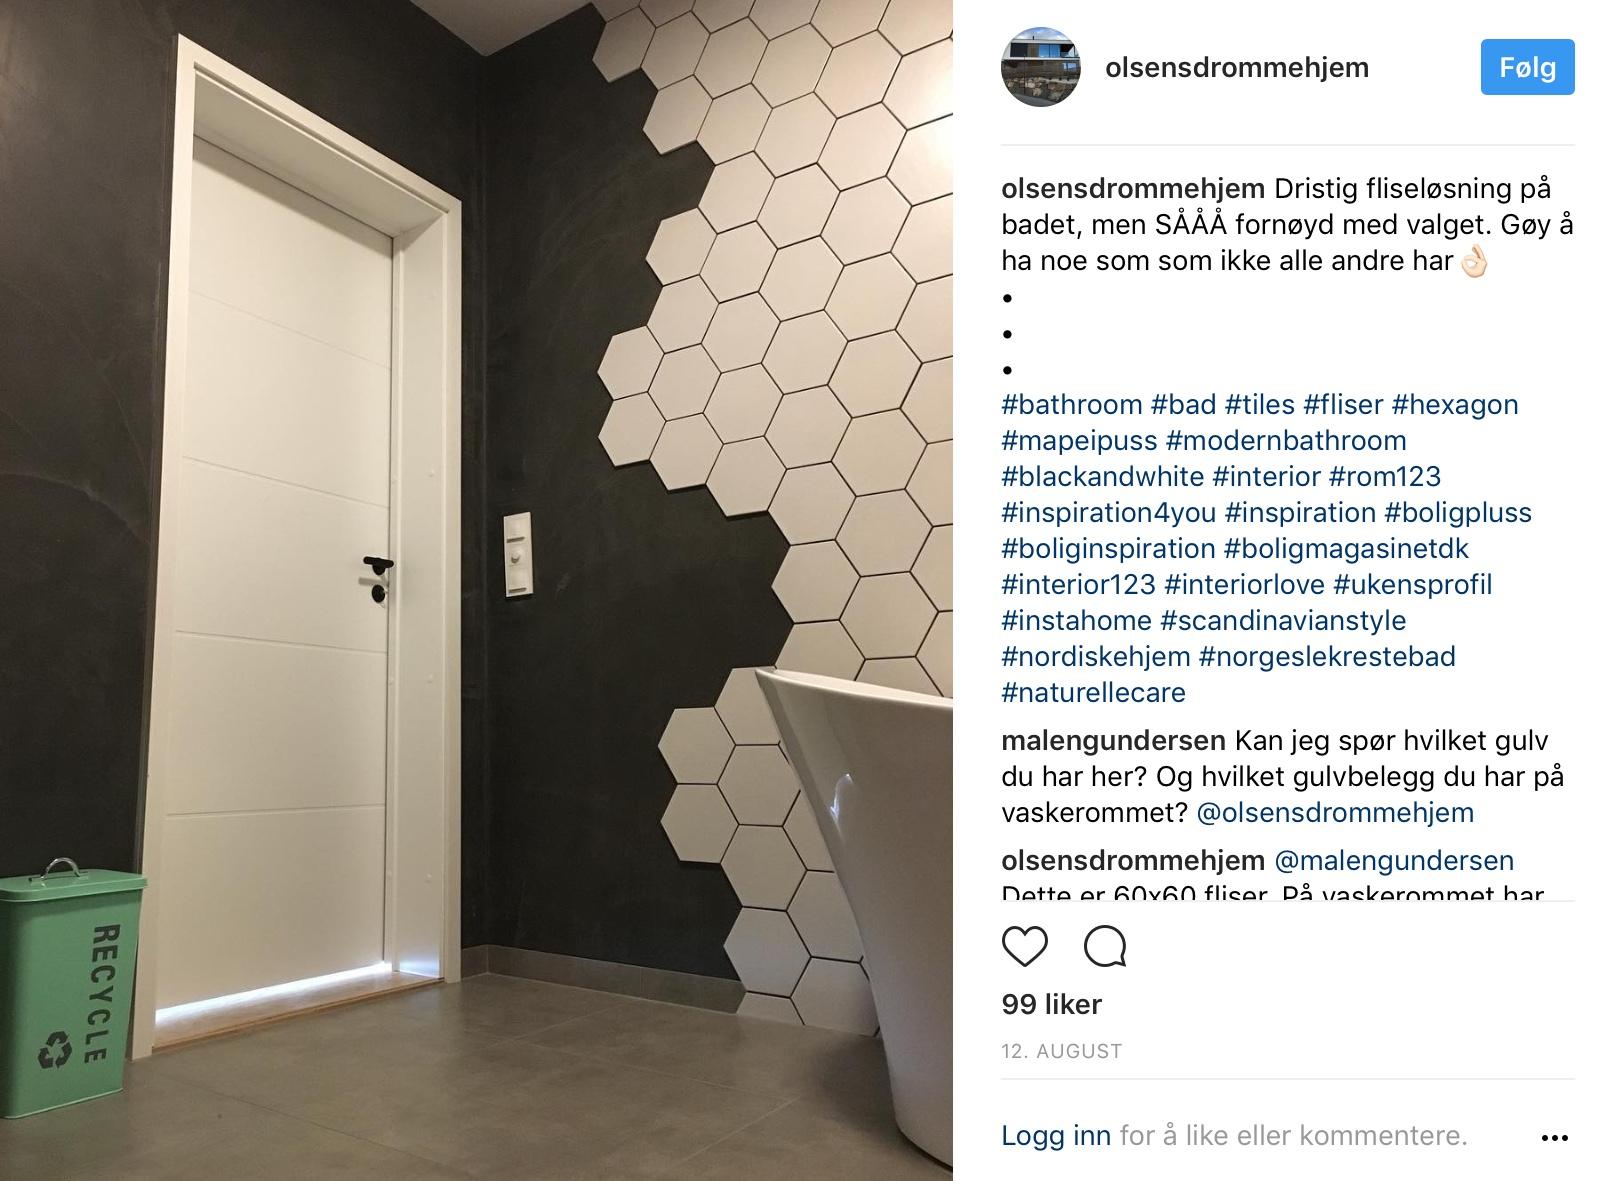 Olsensdrommehjem, Instagram